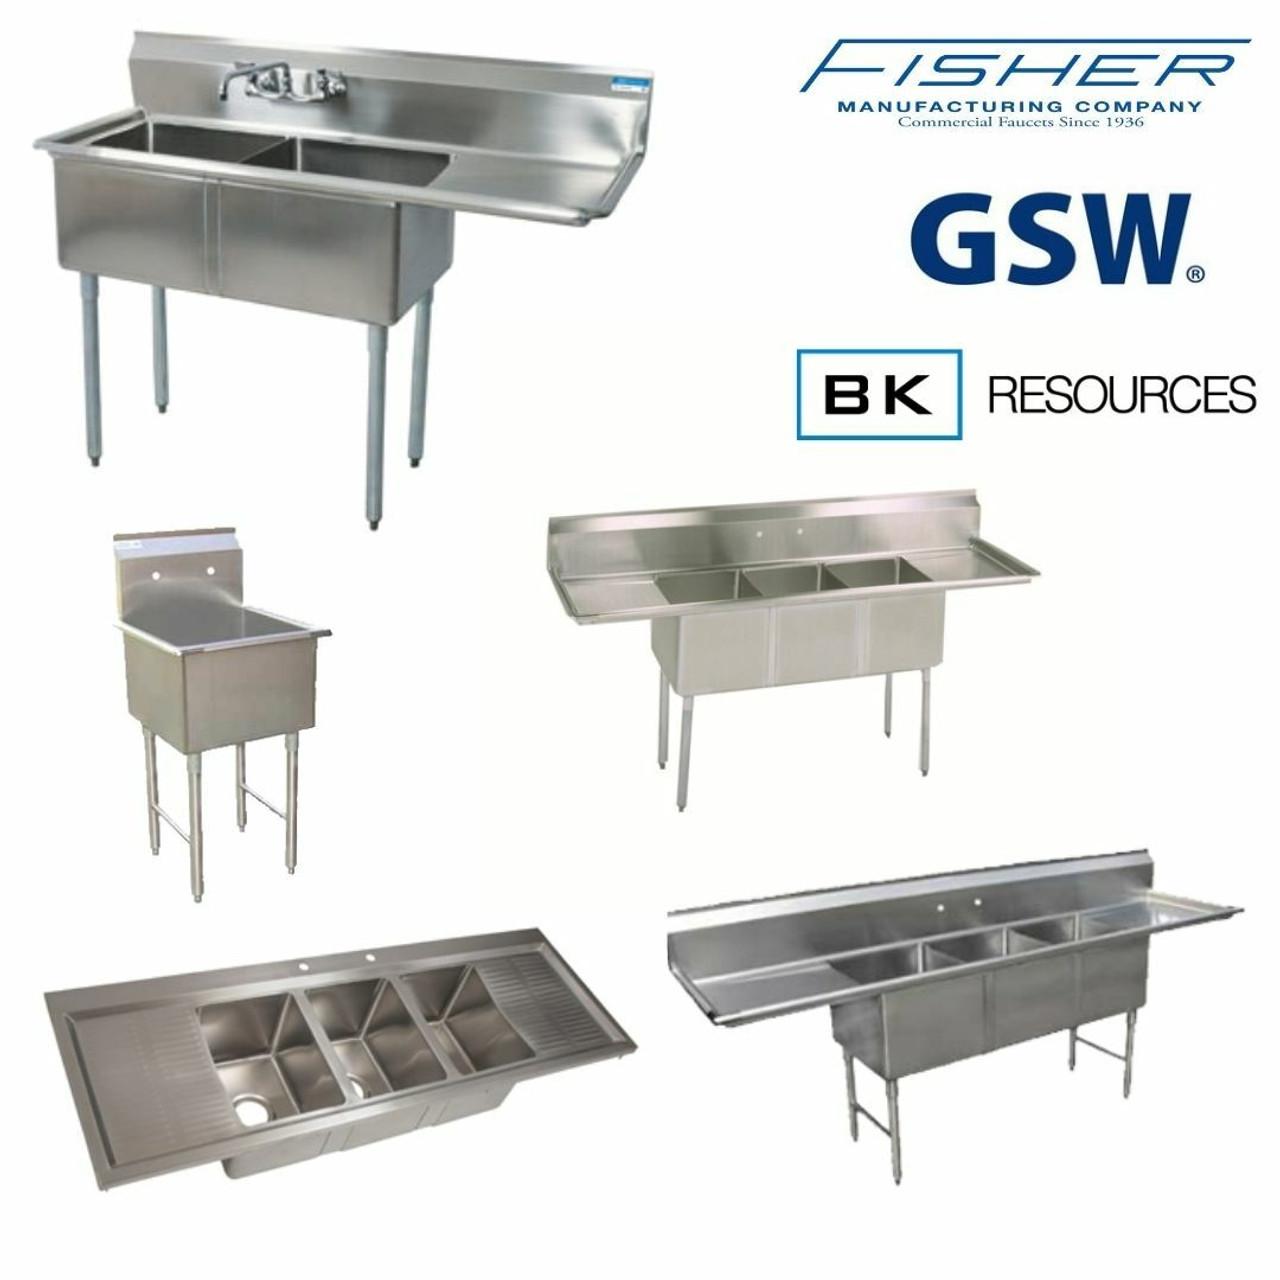 shelving sinks expert restaurant supply